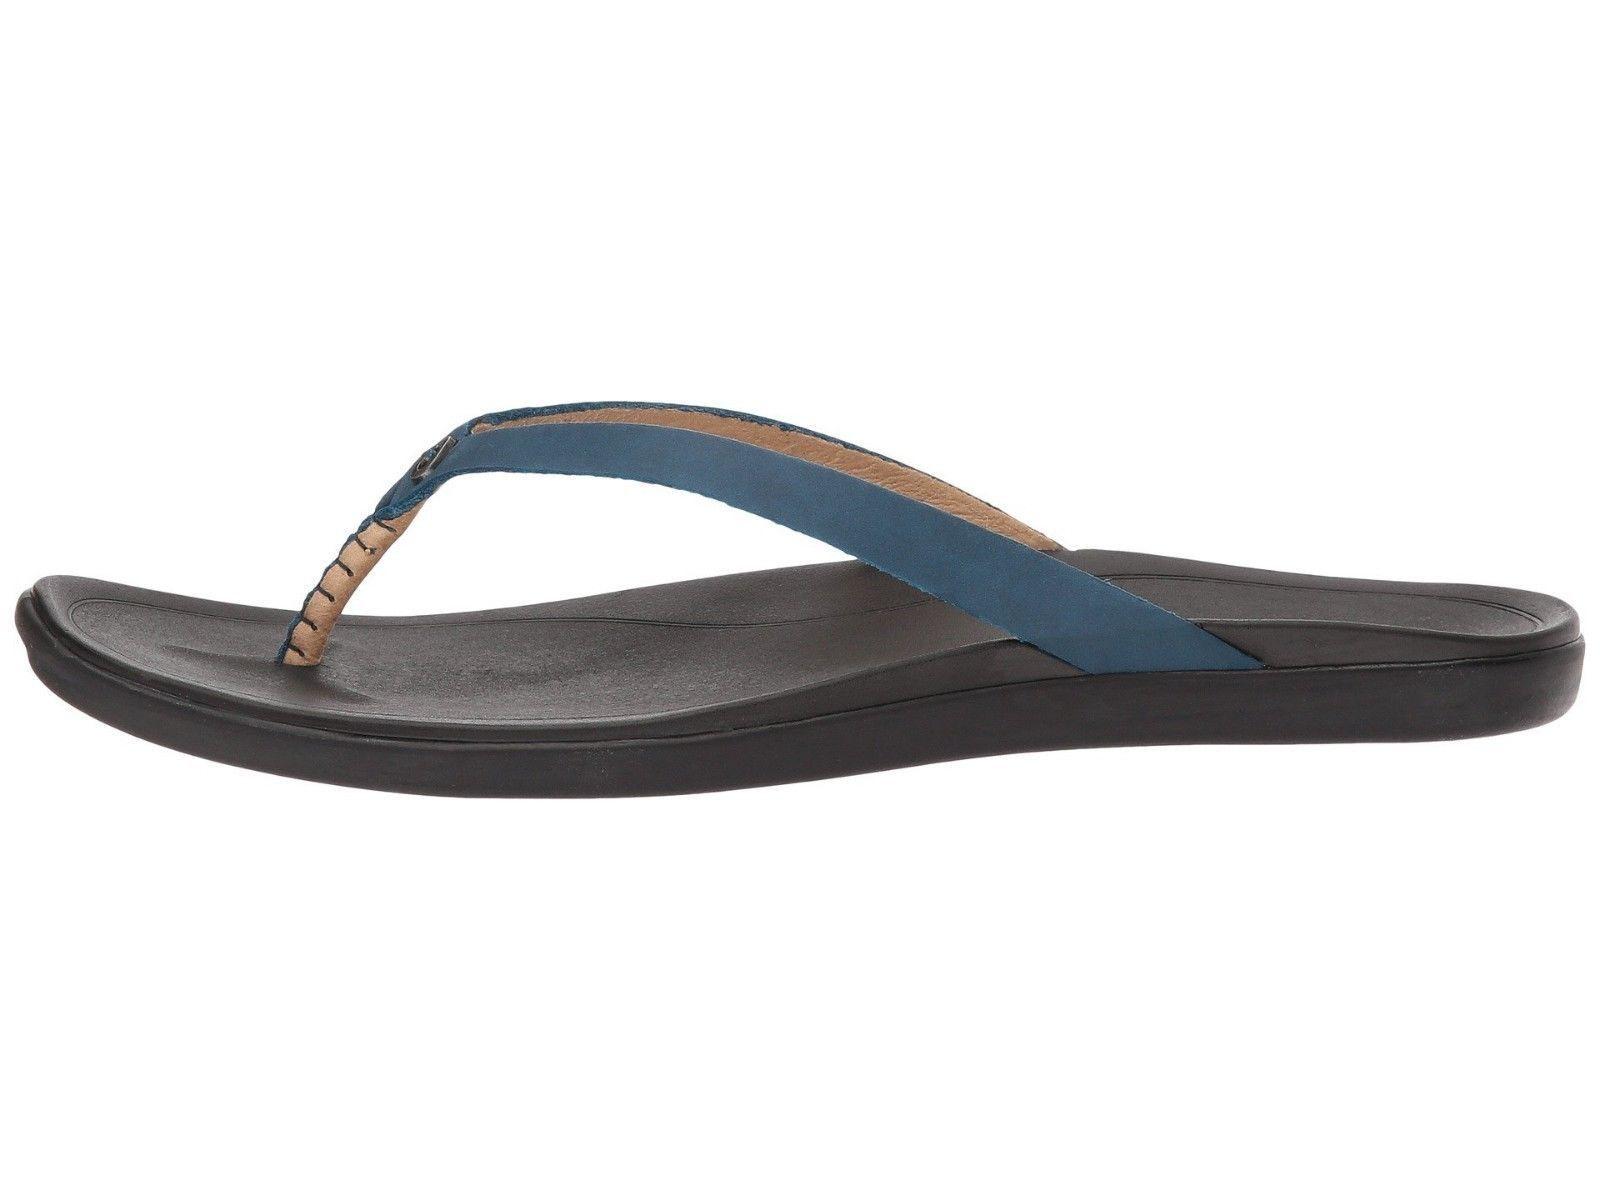 OluKai Ho'opio Leather Legion blu    nero Wouomo Thong Sandals 20290 -LB40  nuovo stile